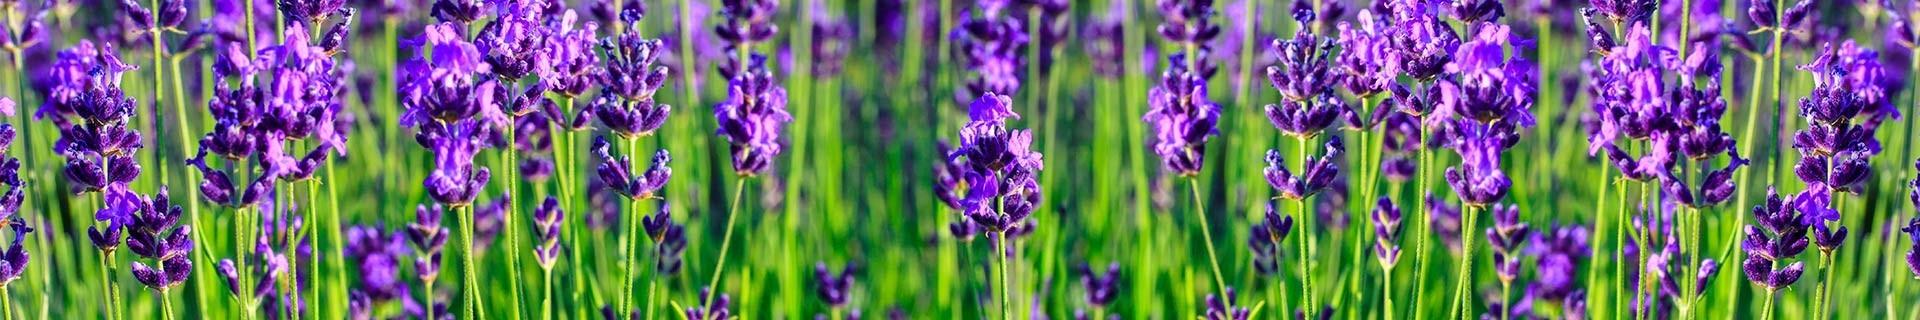 Erbe aromatiche ed officinali, un rimedio naturale